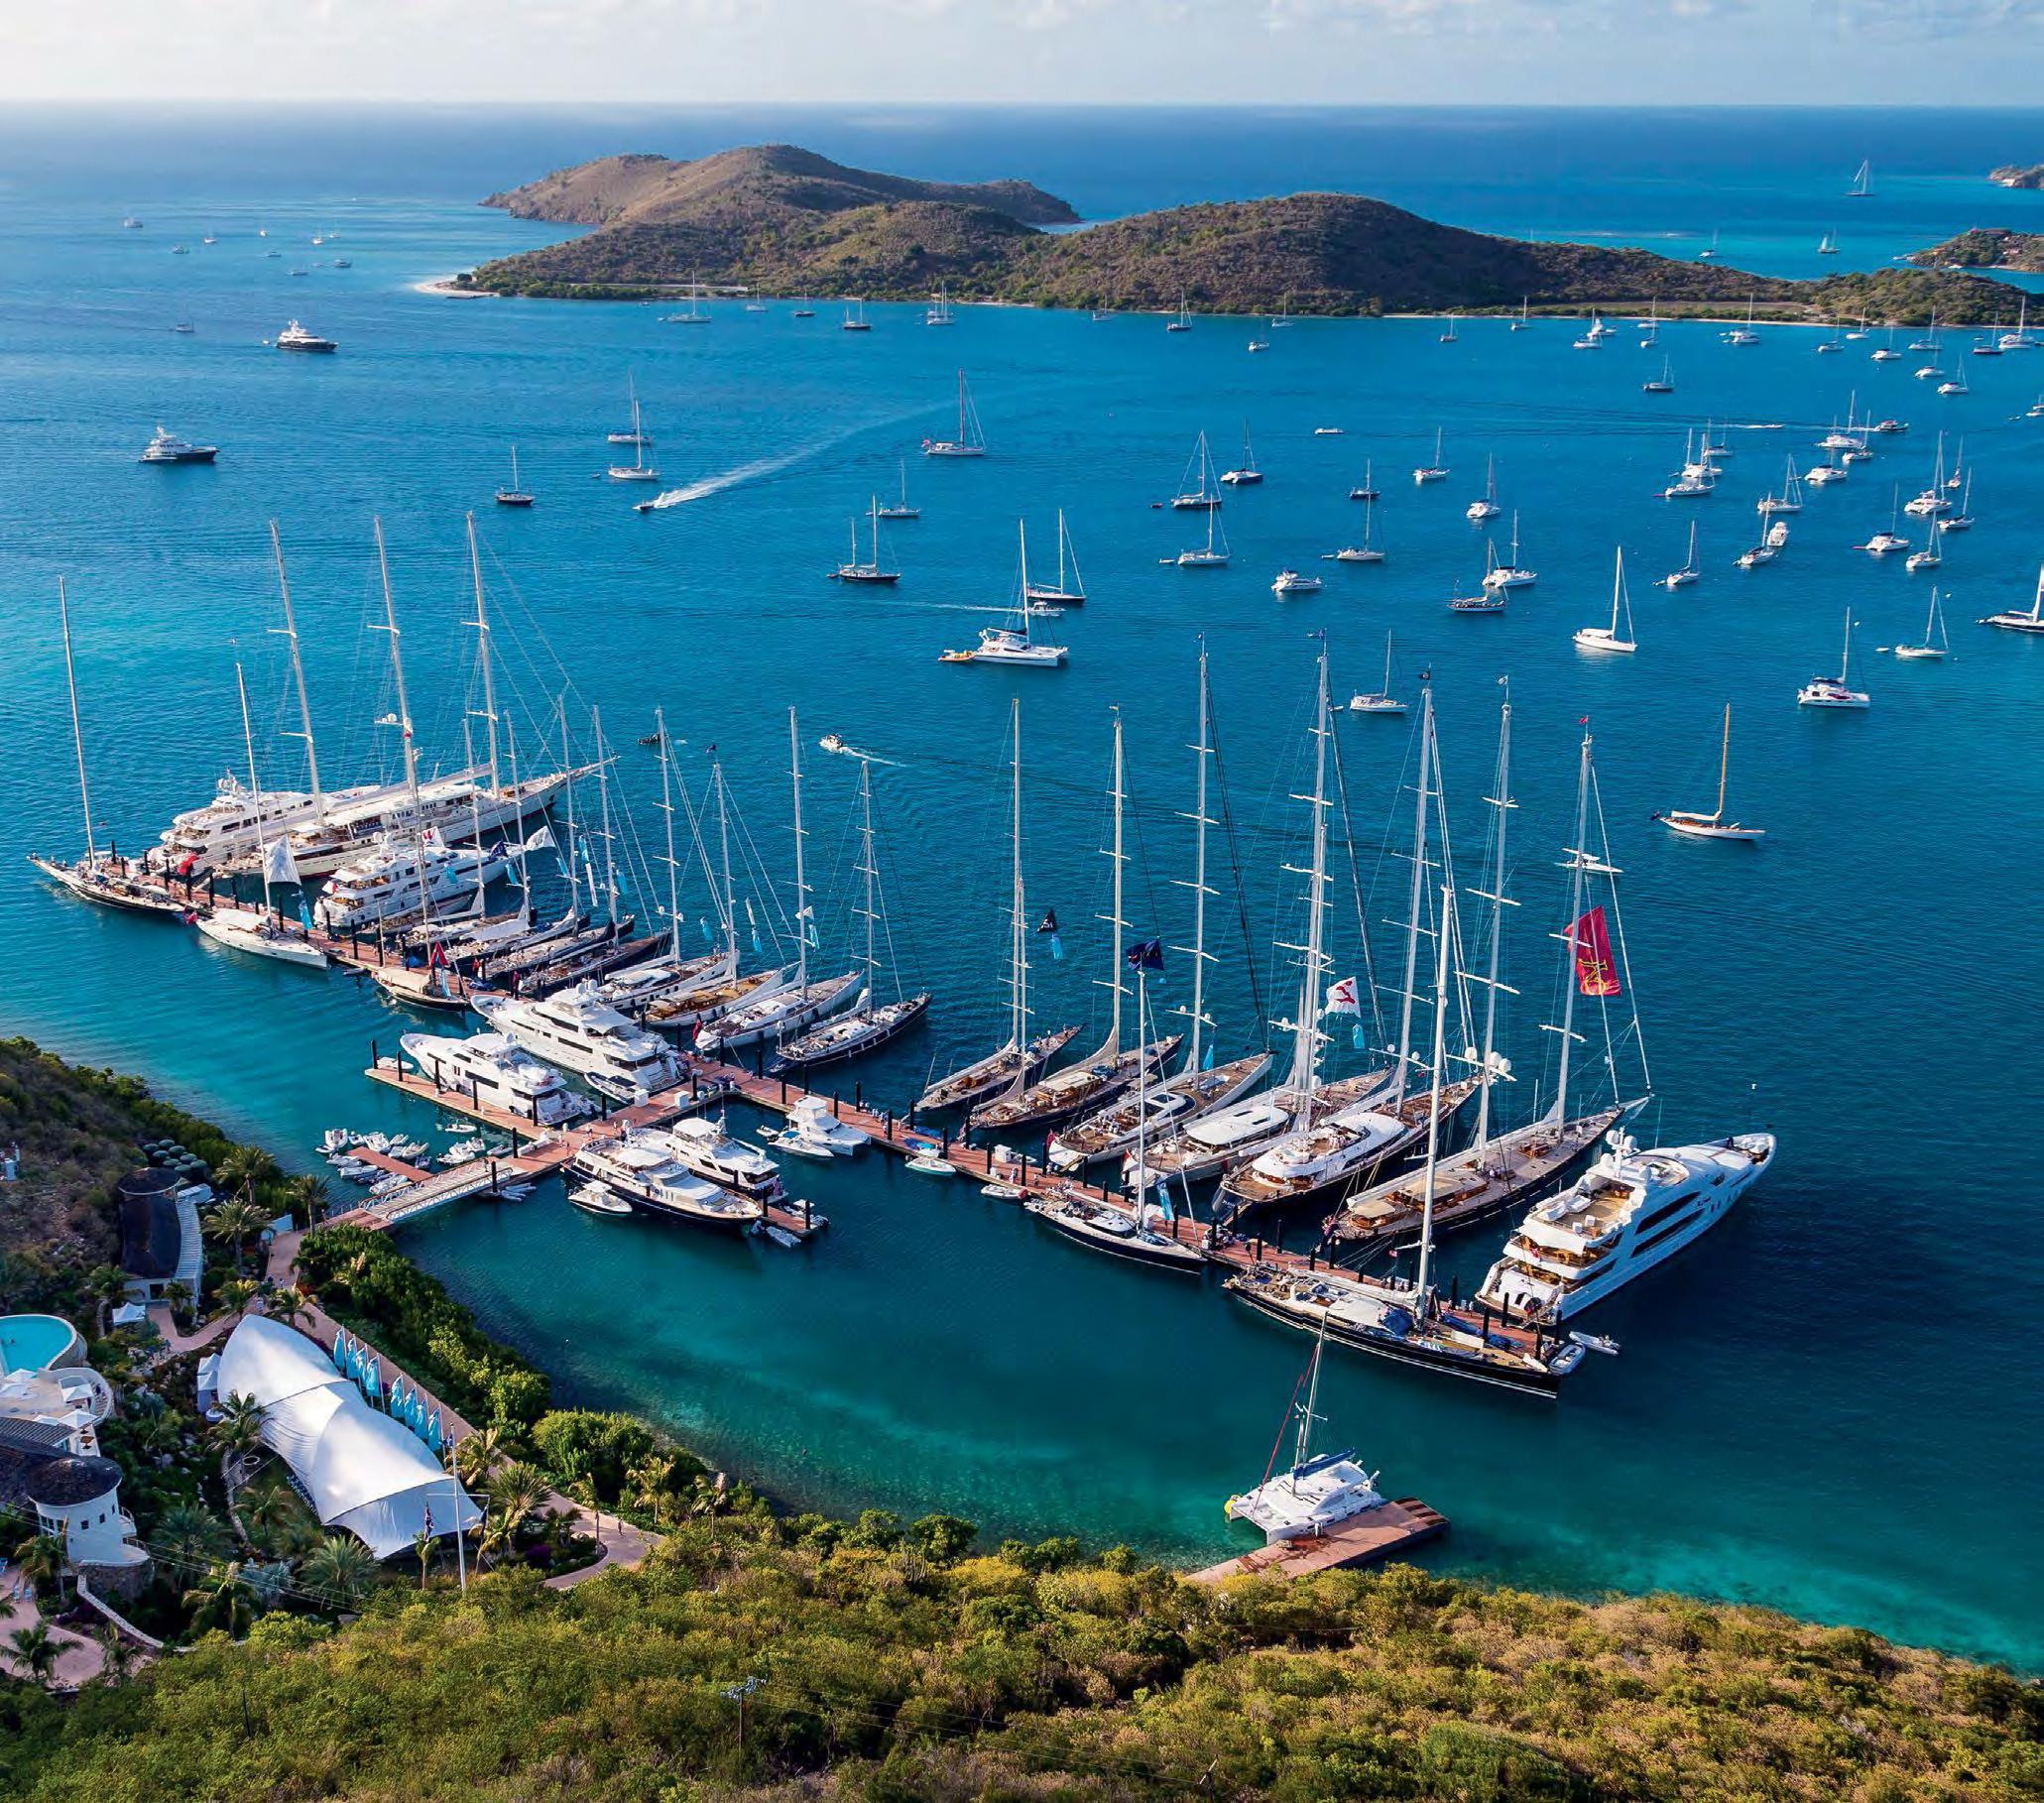 Virgin Islands: The British Virgin Islands